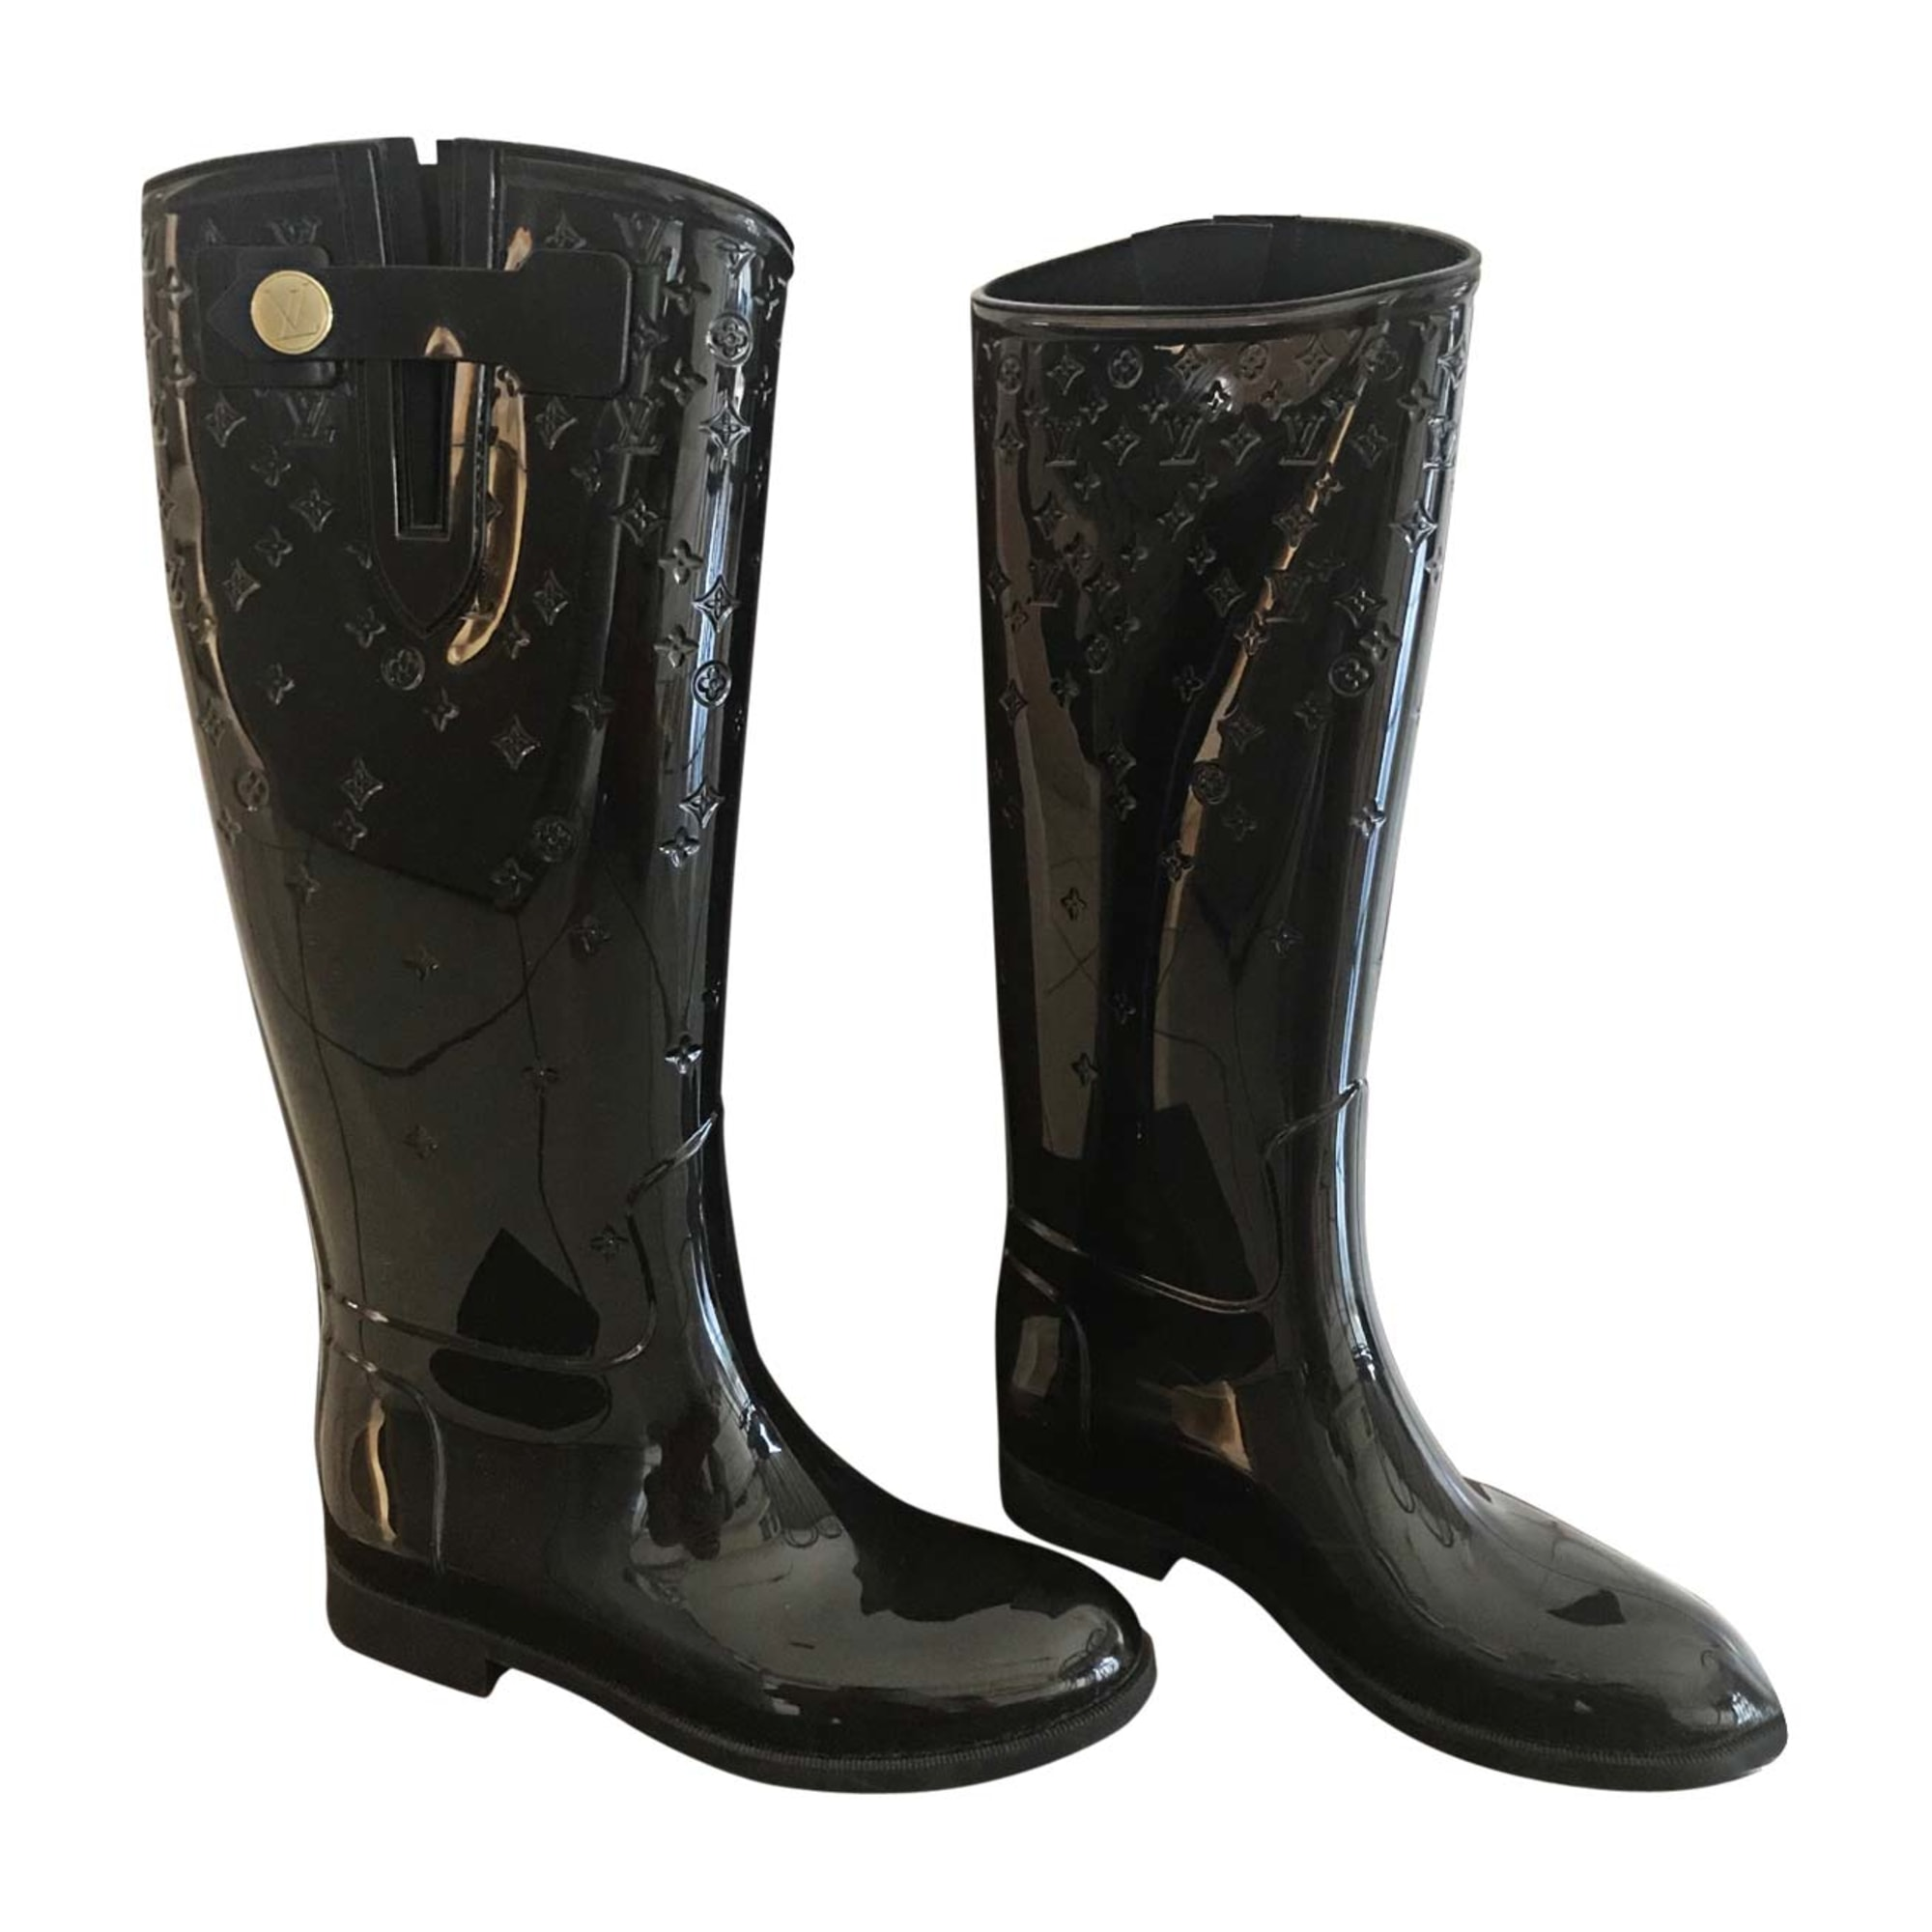 Bottes de pluie LOUIS VUITTON 37,5 noir - 7449606 262c60acda5